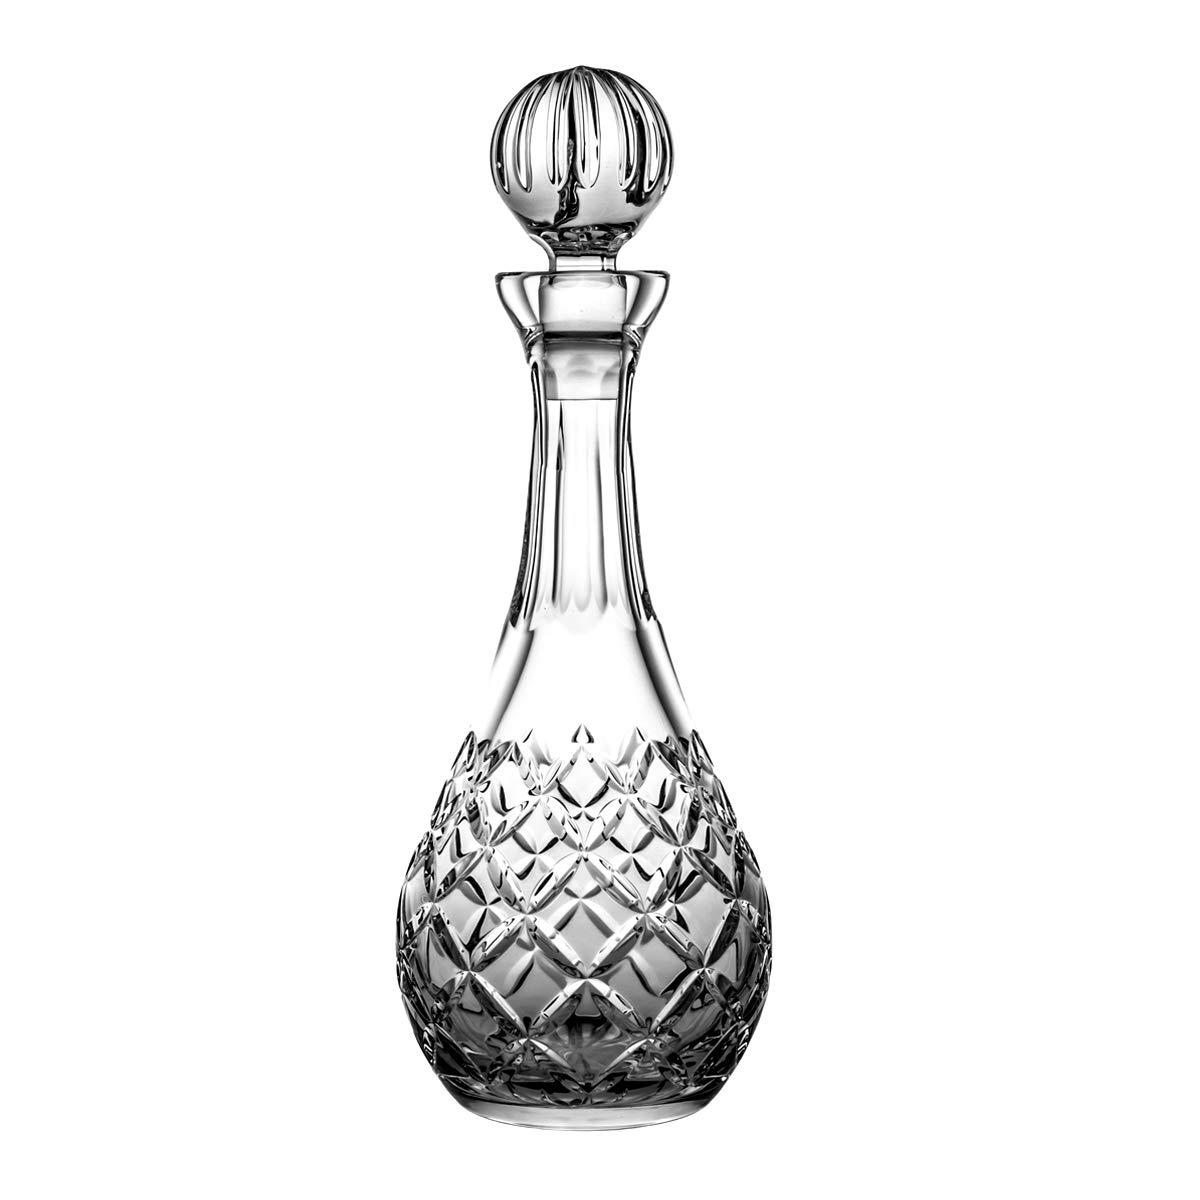 Crystaljulia 11025 Weißkaraffe Bleikristall Transparent